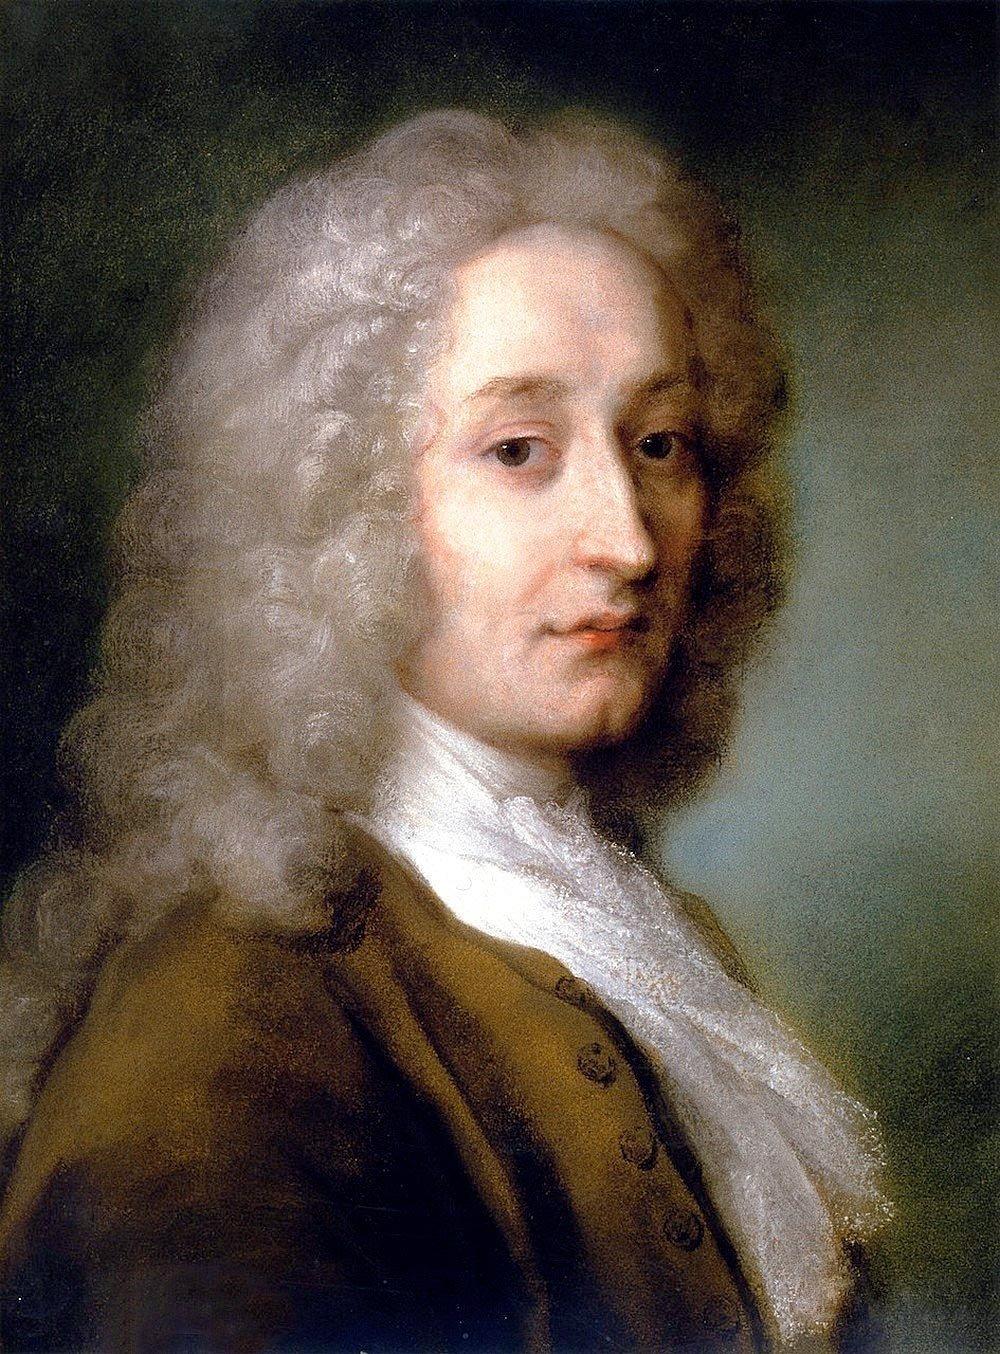 Ritratto di Antoine Watteau